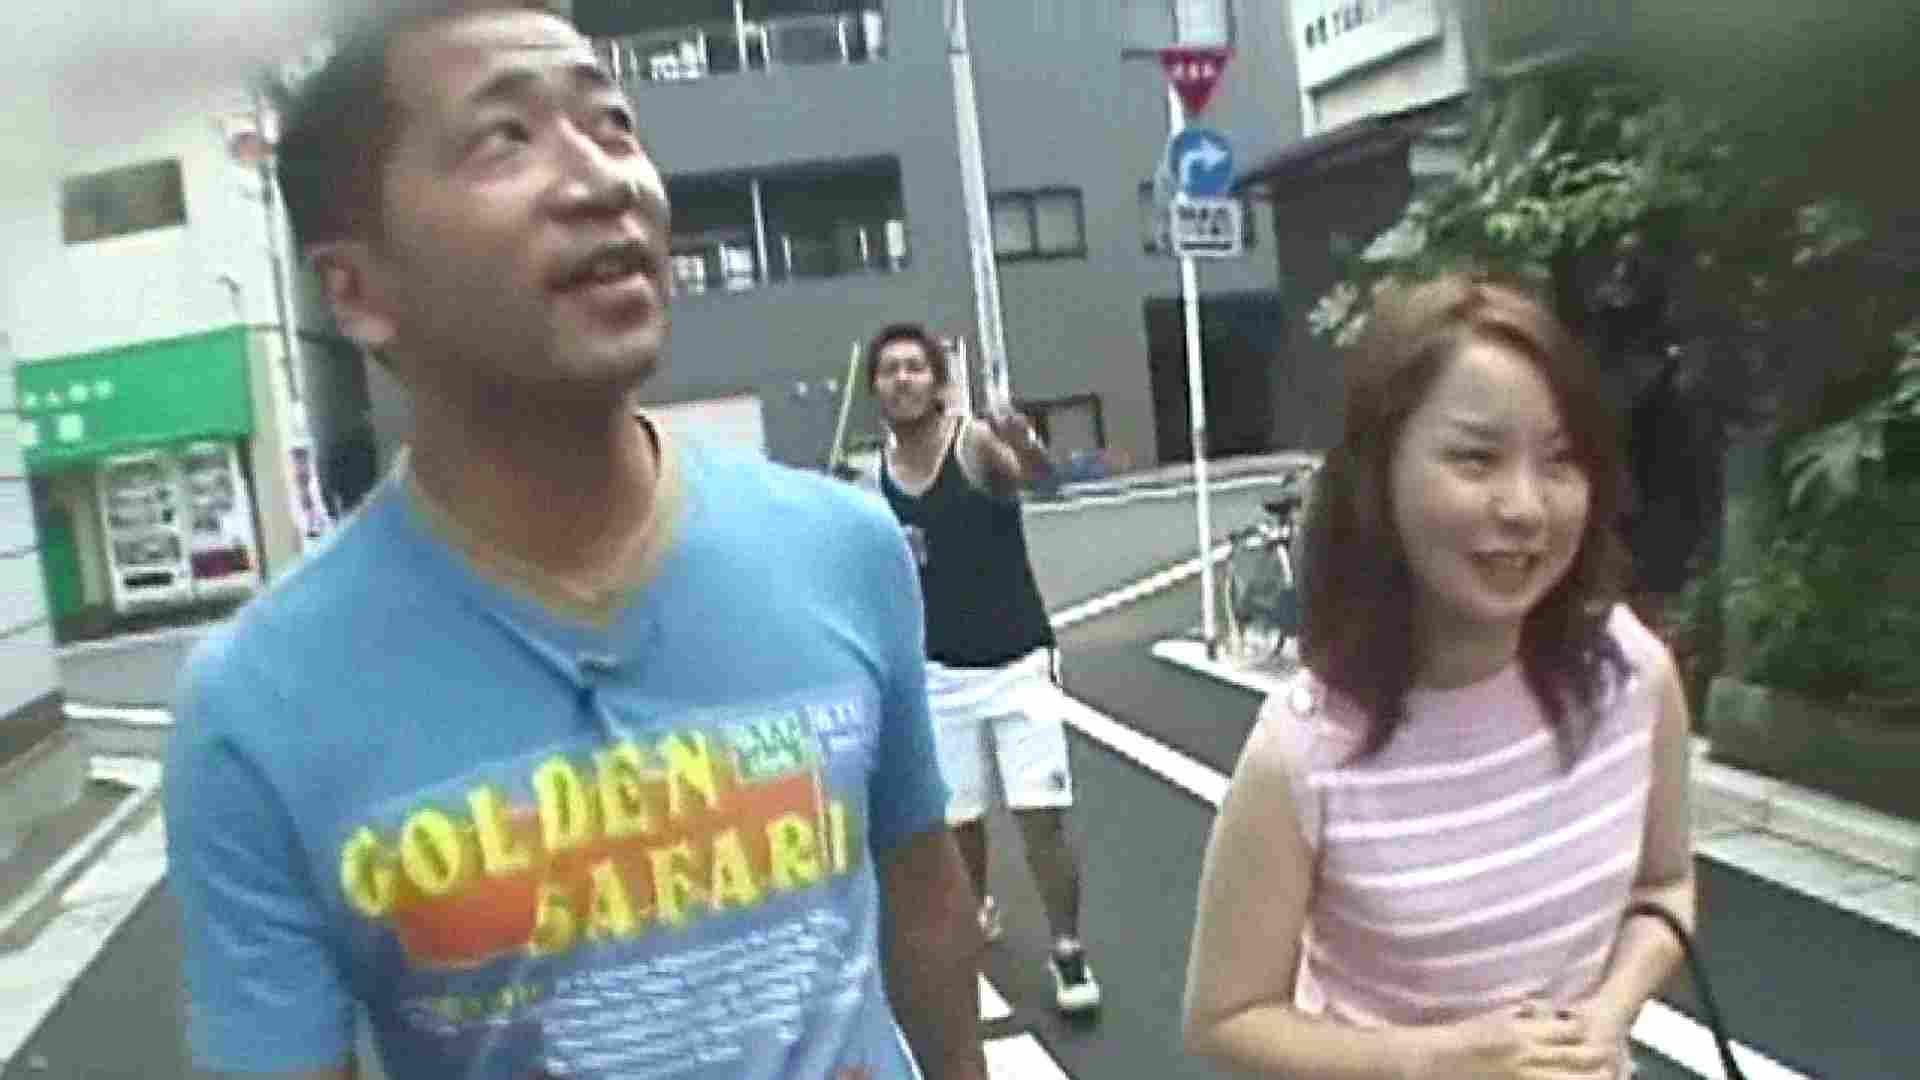 ギャルエロ娘の反乱 Vol.08 SEX映像 すけべAV動画紹介 112pic 59